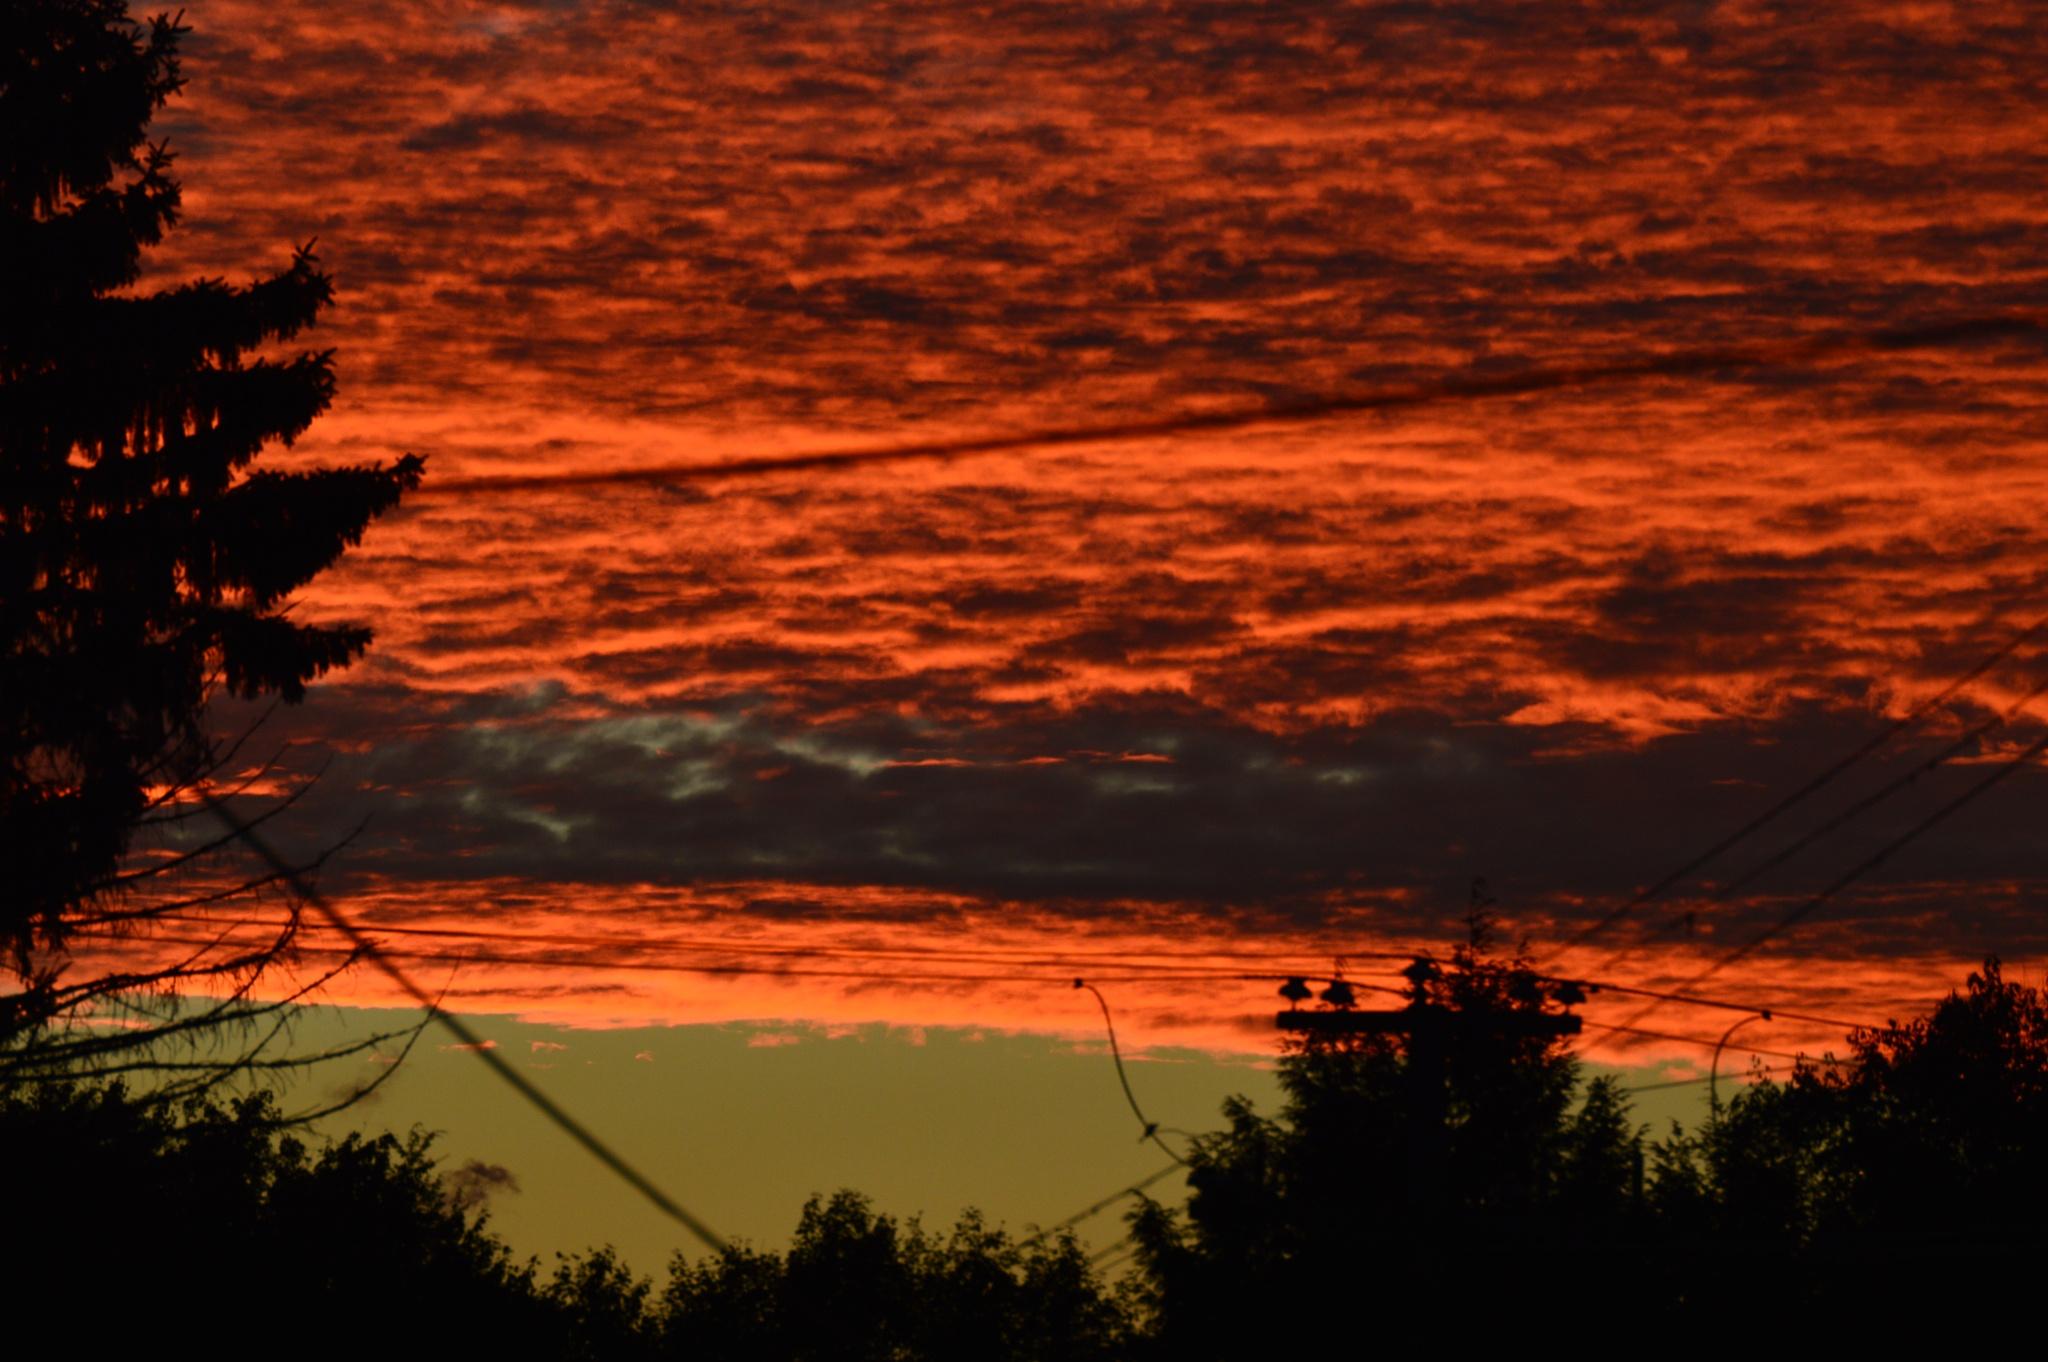 Sunset by Jb4221